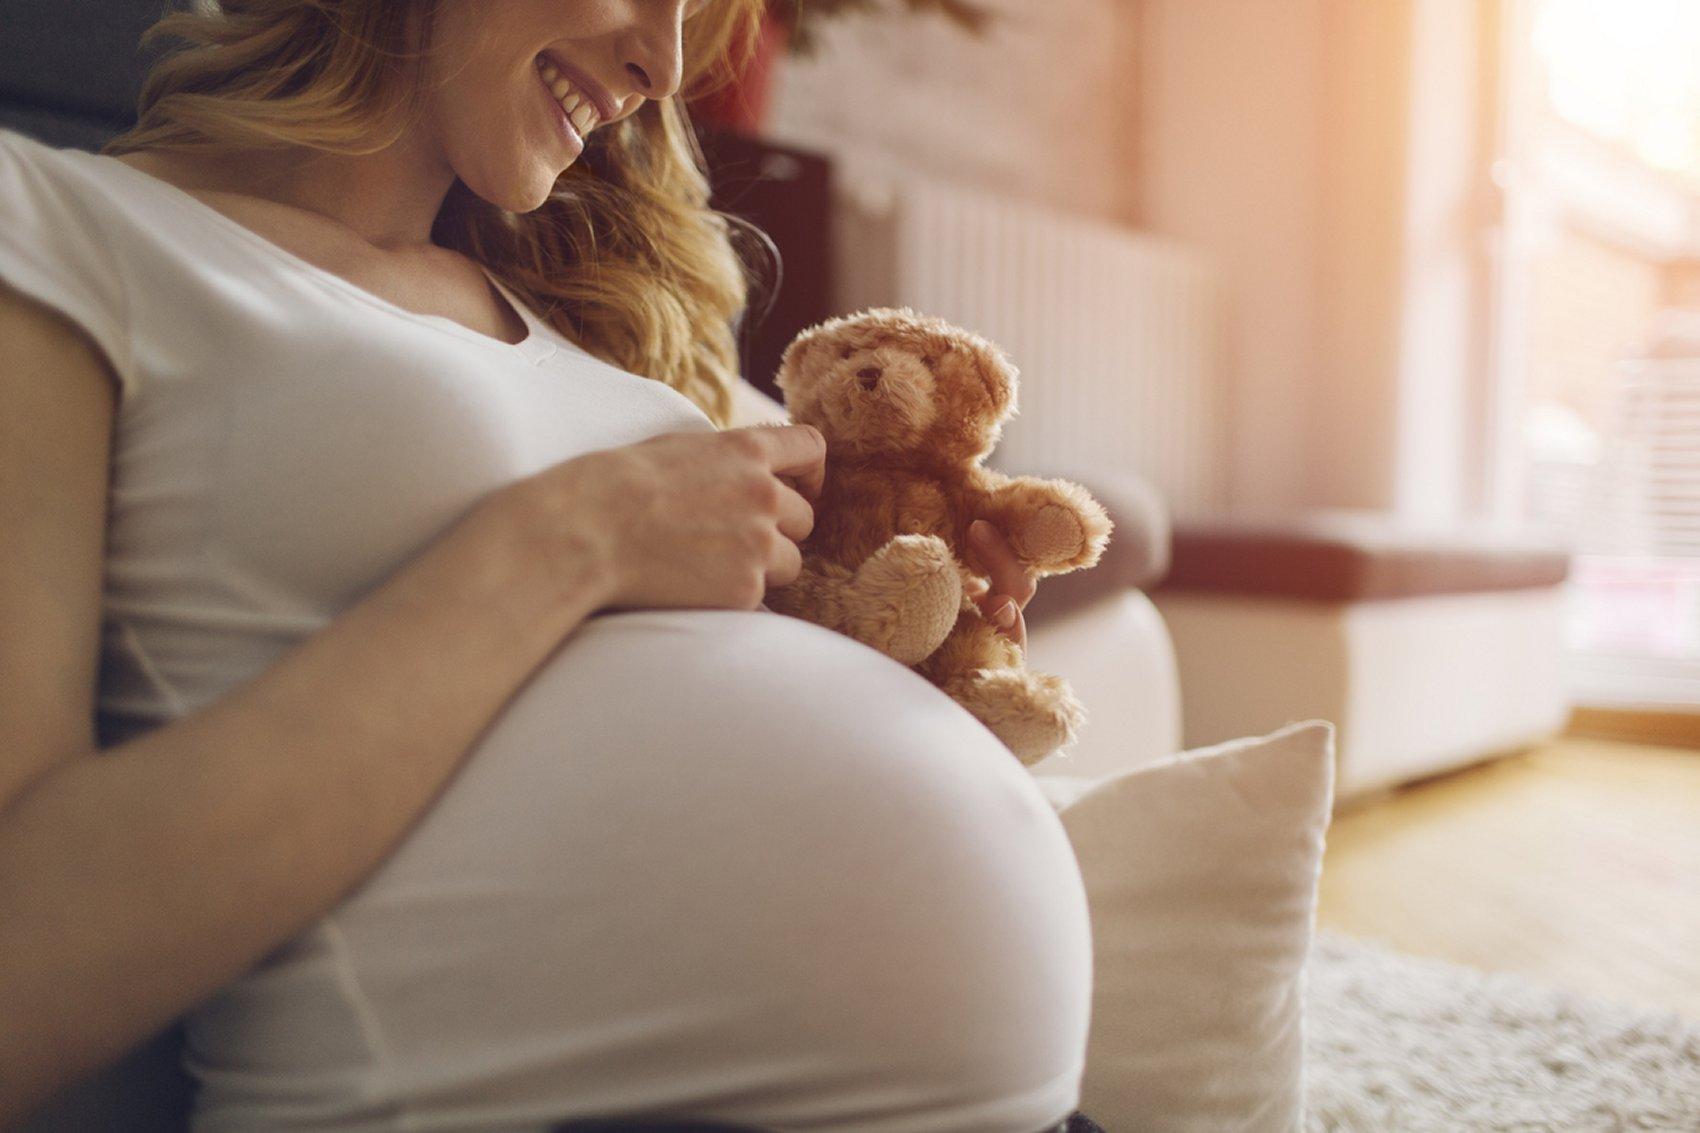 dolore nella zona pelvica anteriore durante la gravidanza